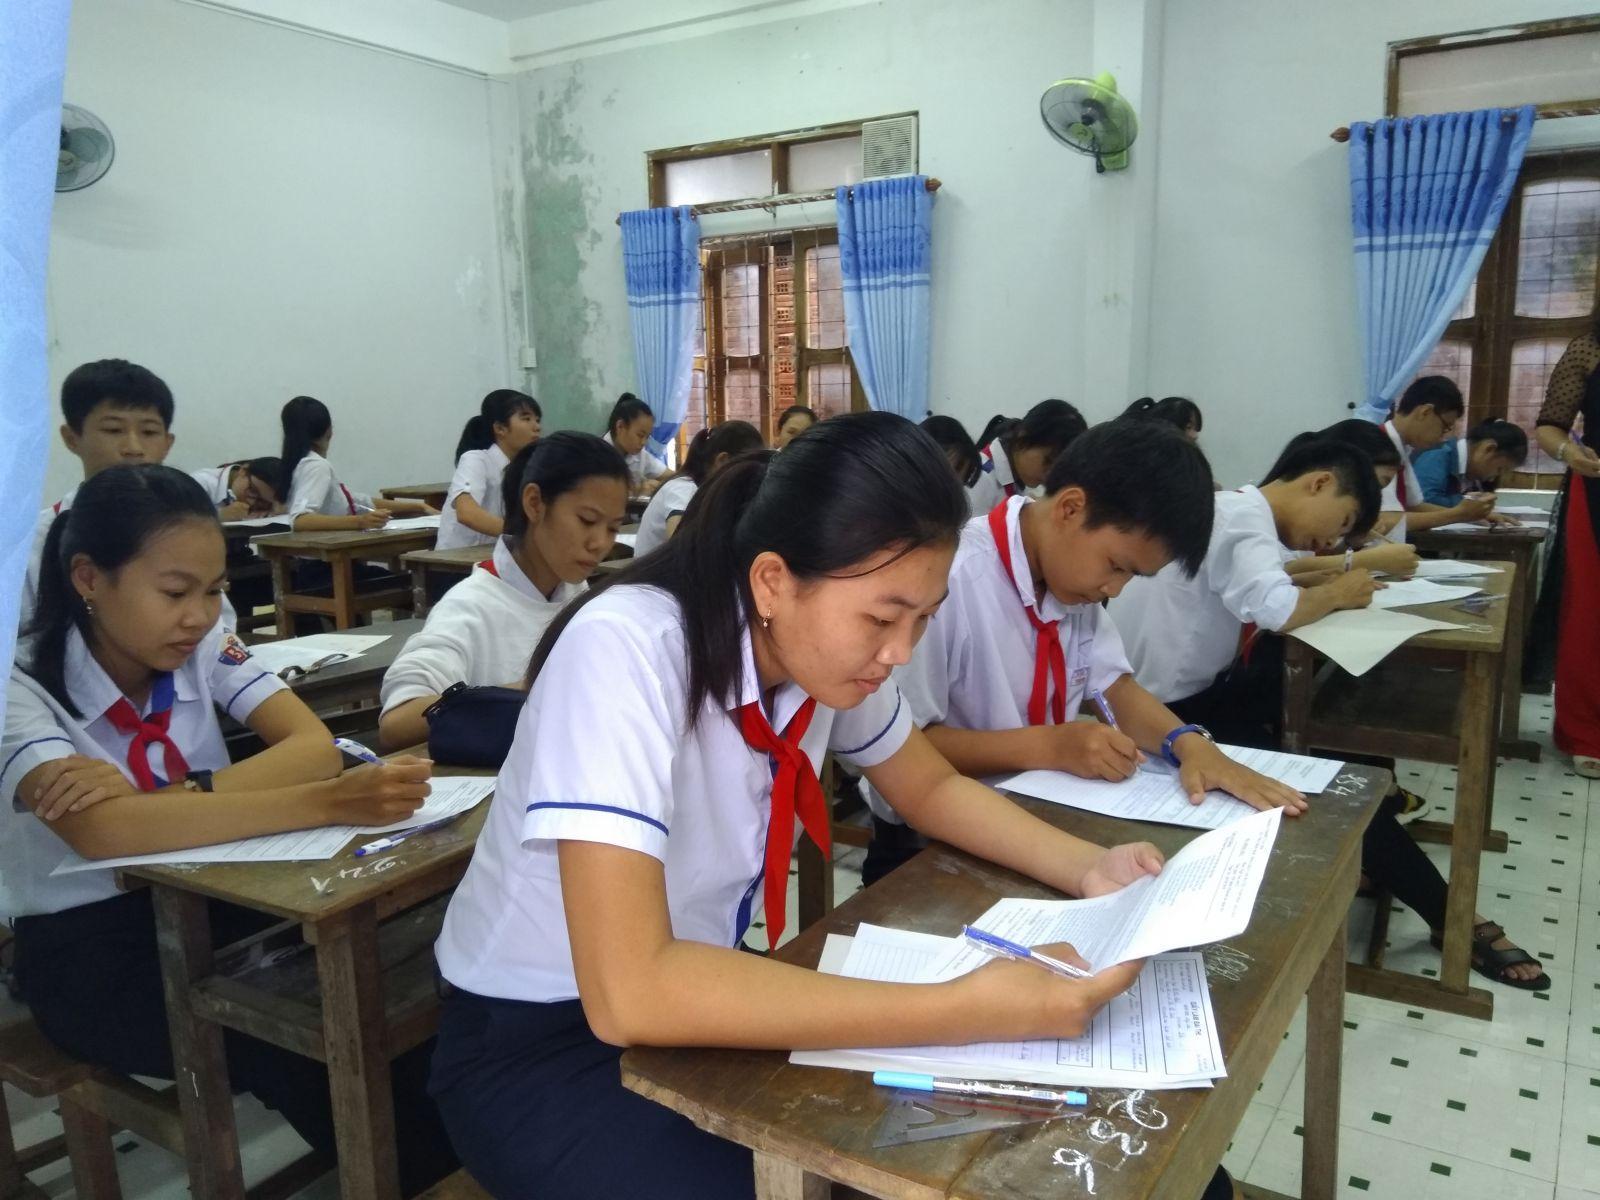 Giáo viên dạy vật lý giỏi ở Hà Nội2.jpg